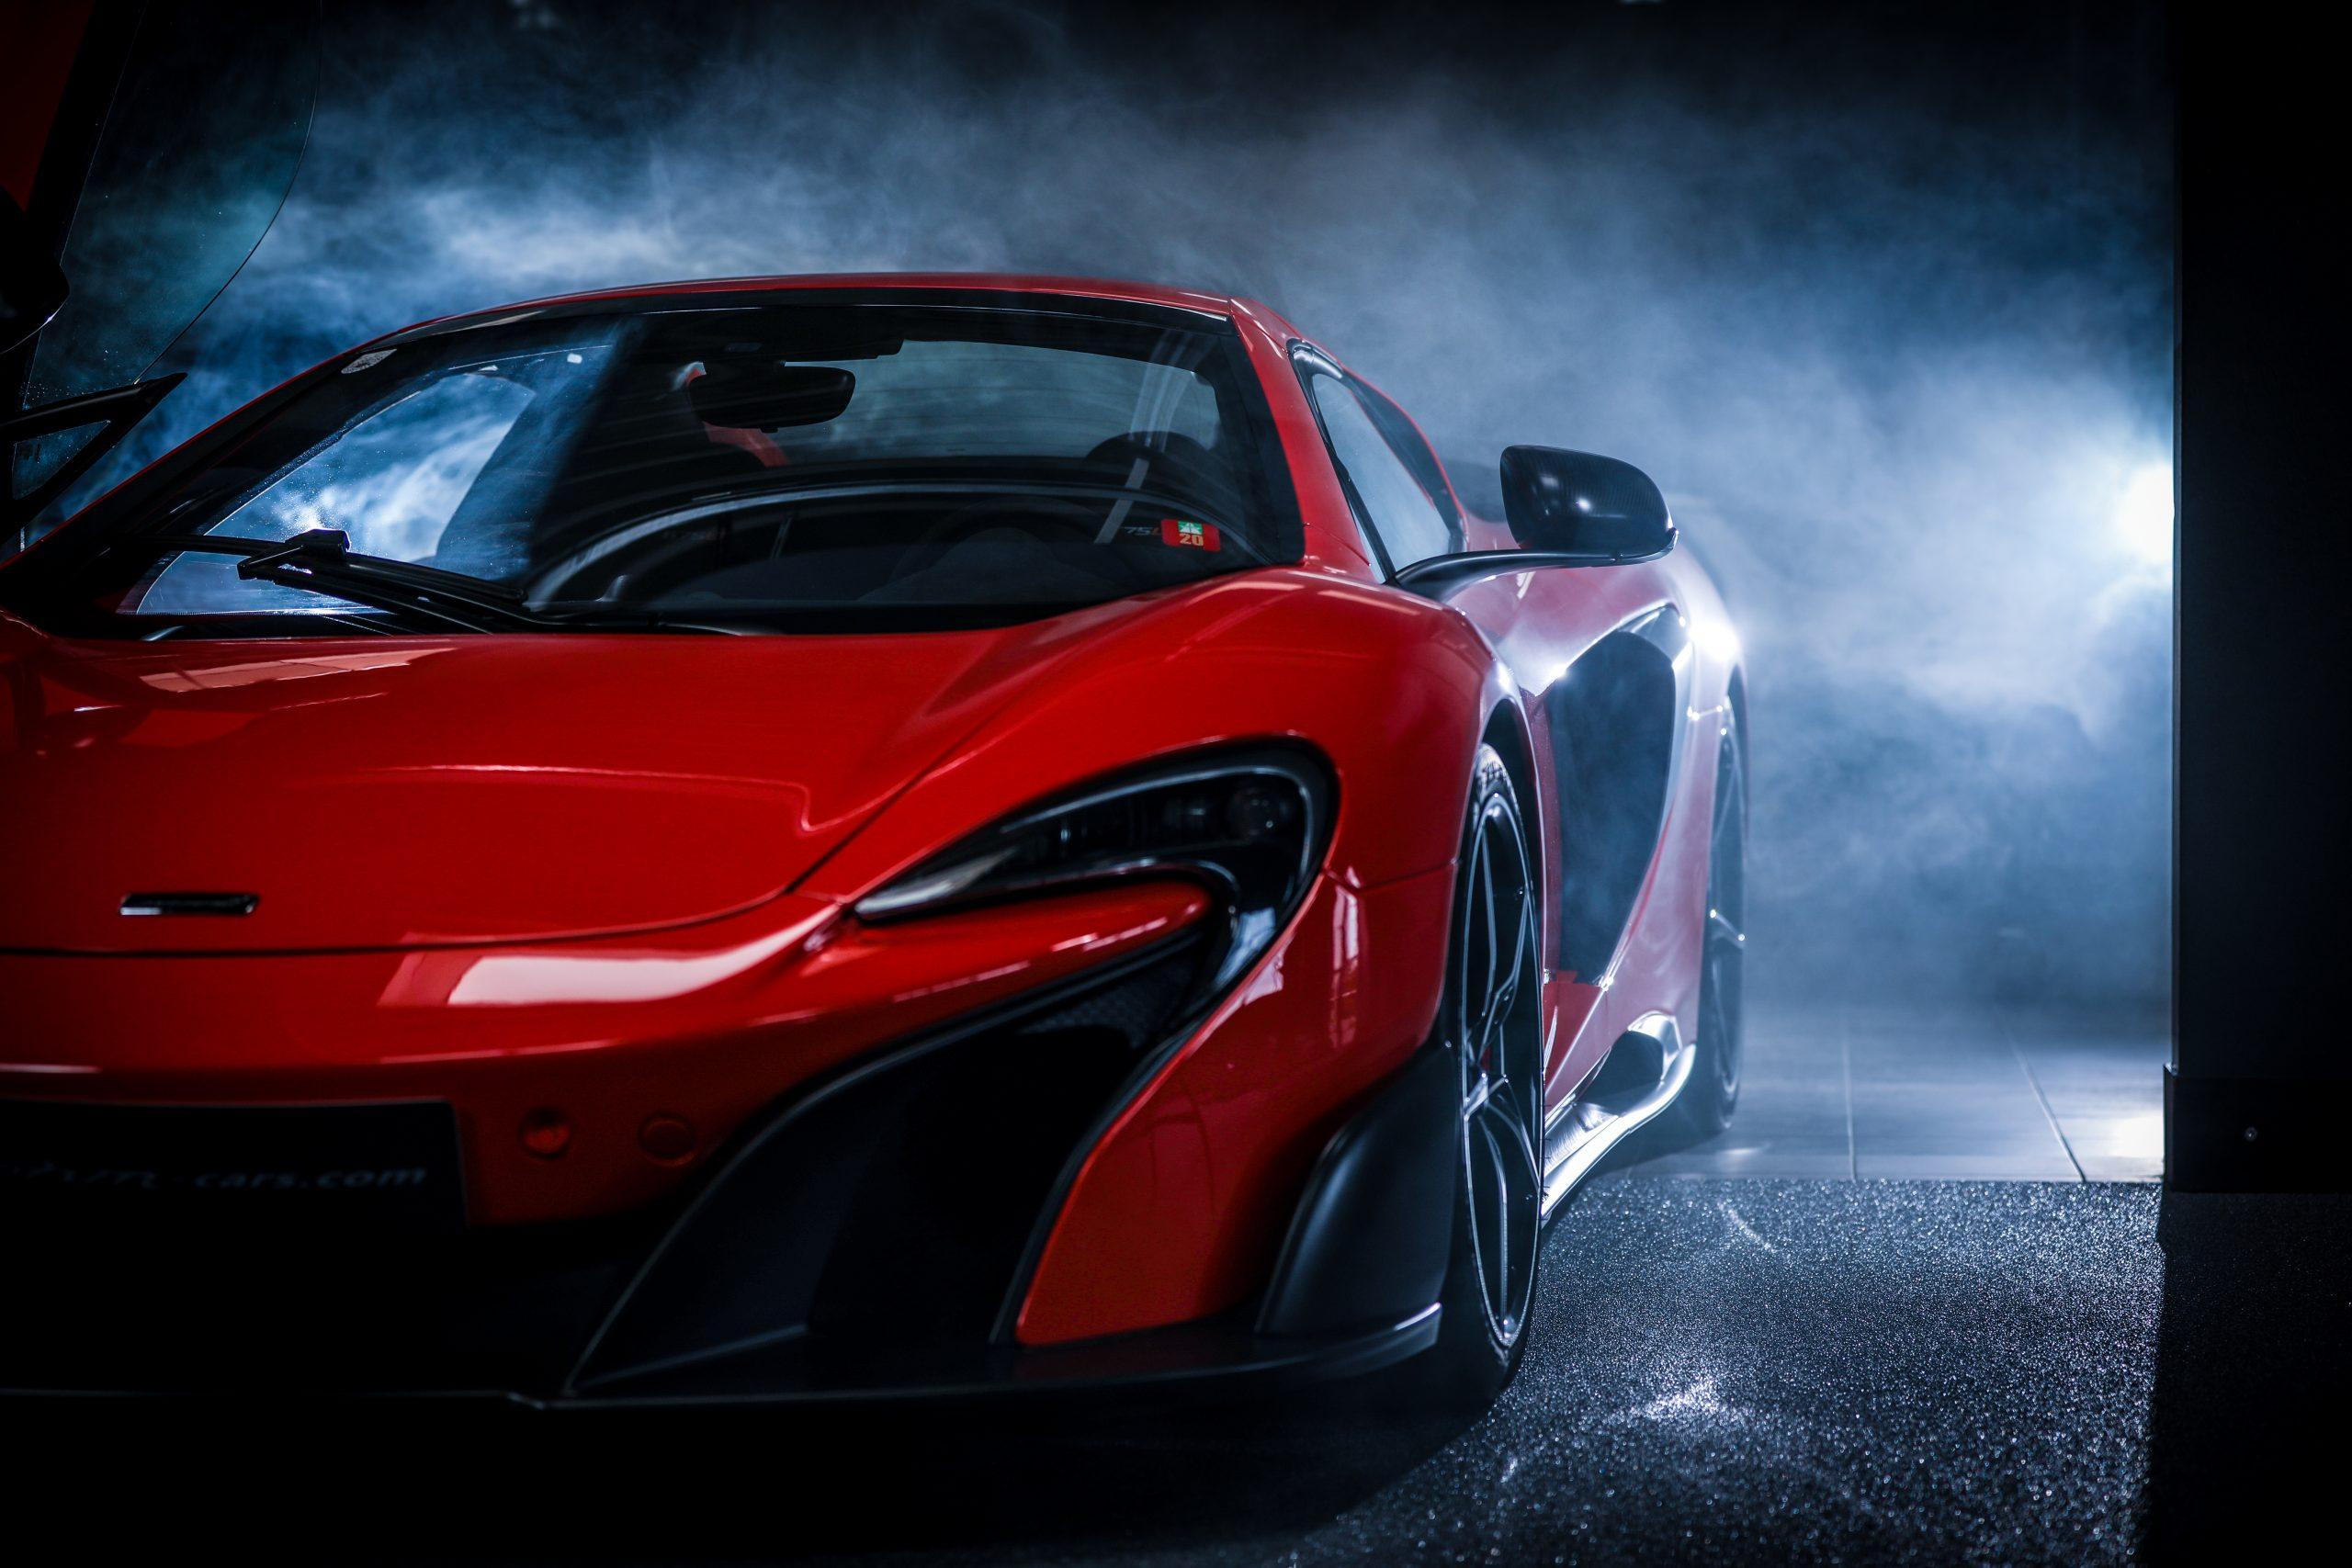 McLaren 600 LT Neuwagen rot